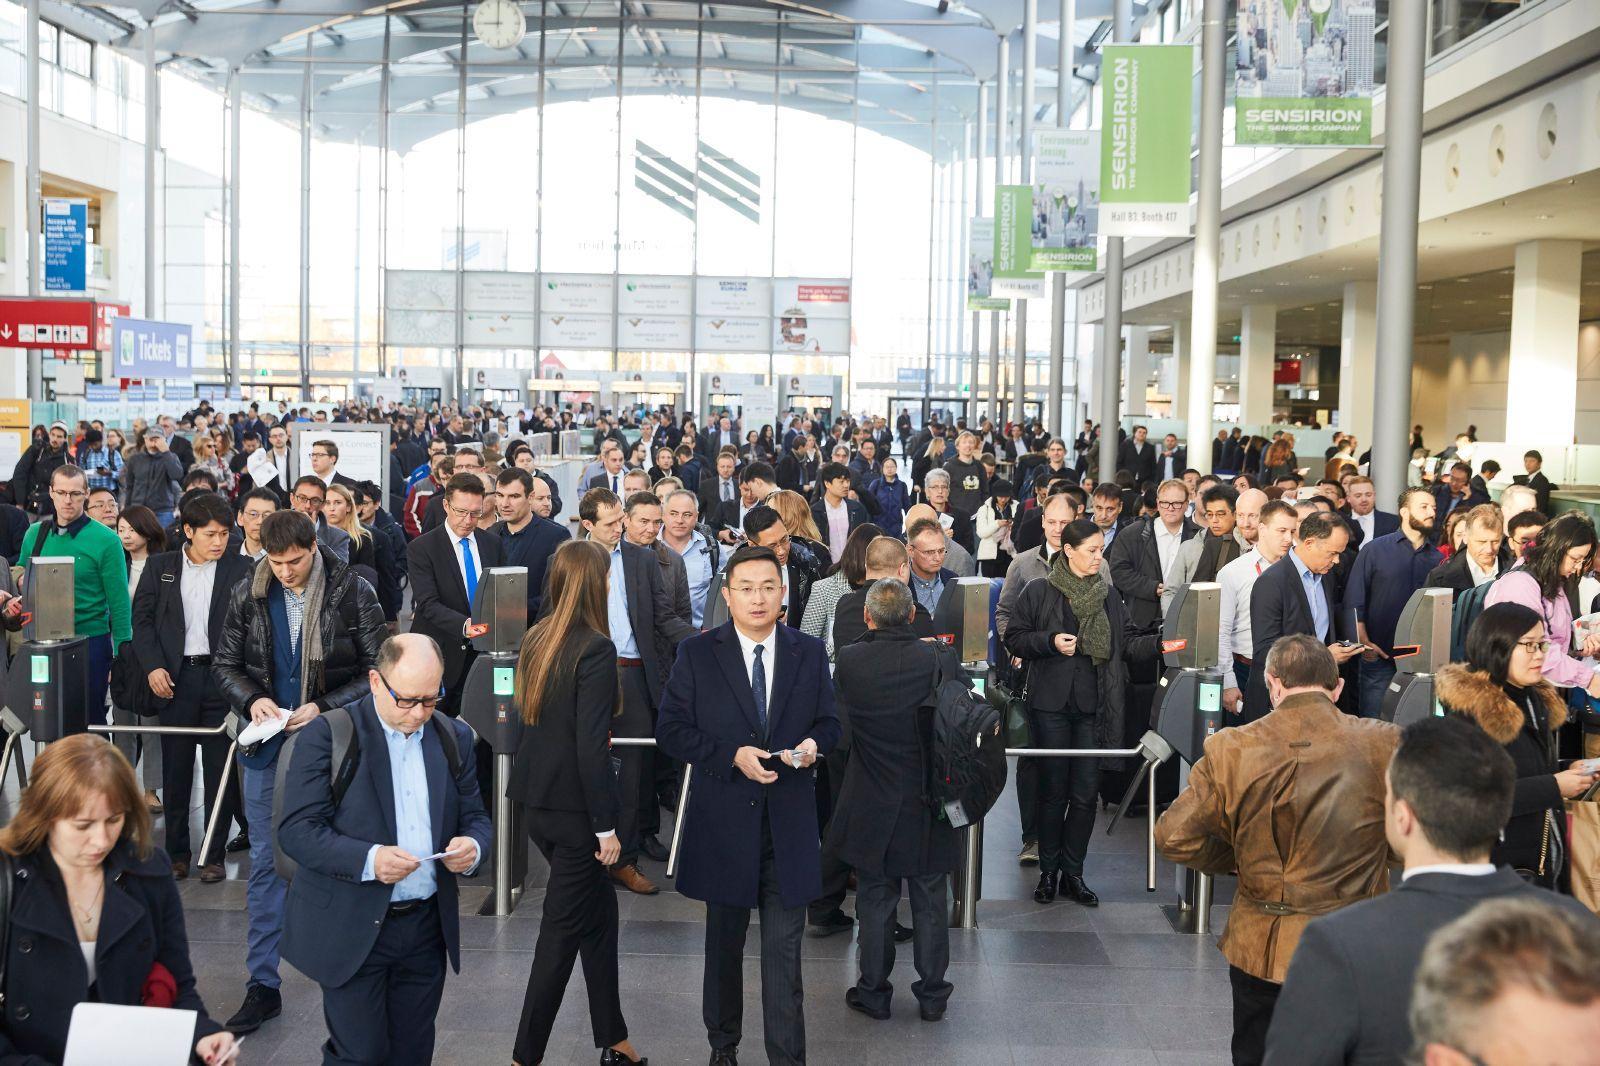 독일 뮌헨 국제 전자부품 박람회(electronica)에서 입장하고 있는 참관객들 모습입니다.